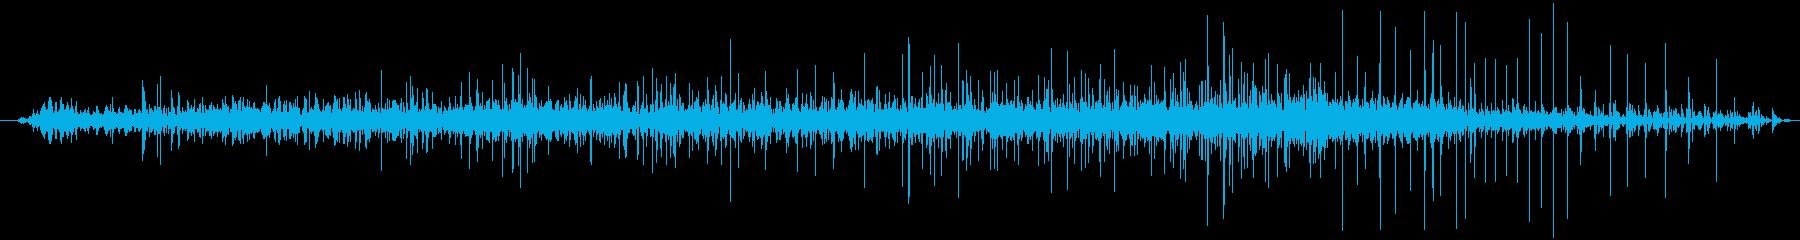 プロジェクターフィルムトランスファ...の再生済みの波形